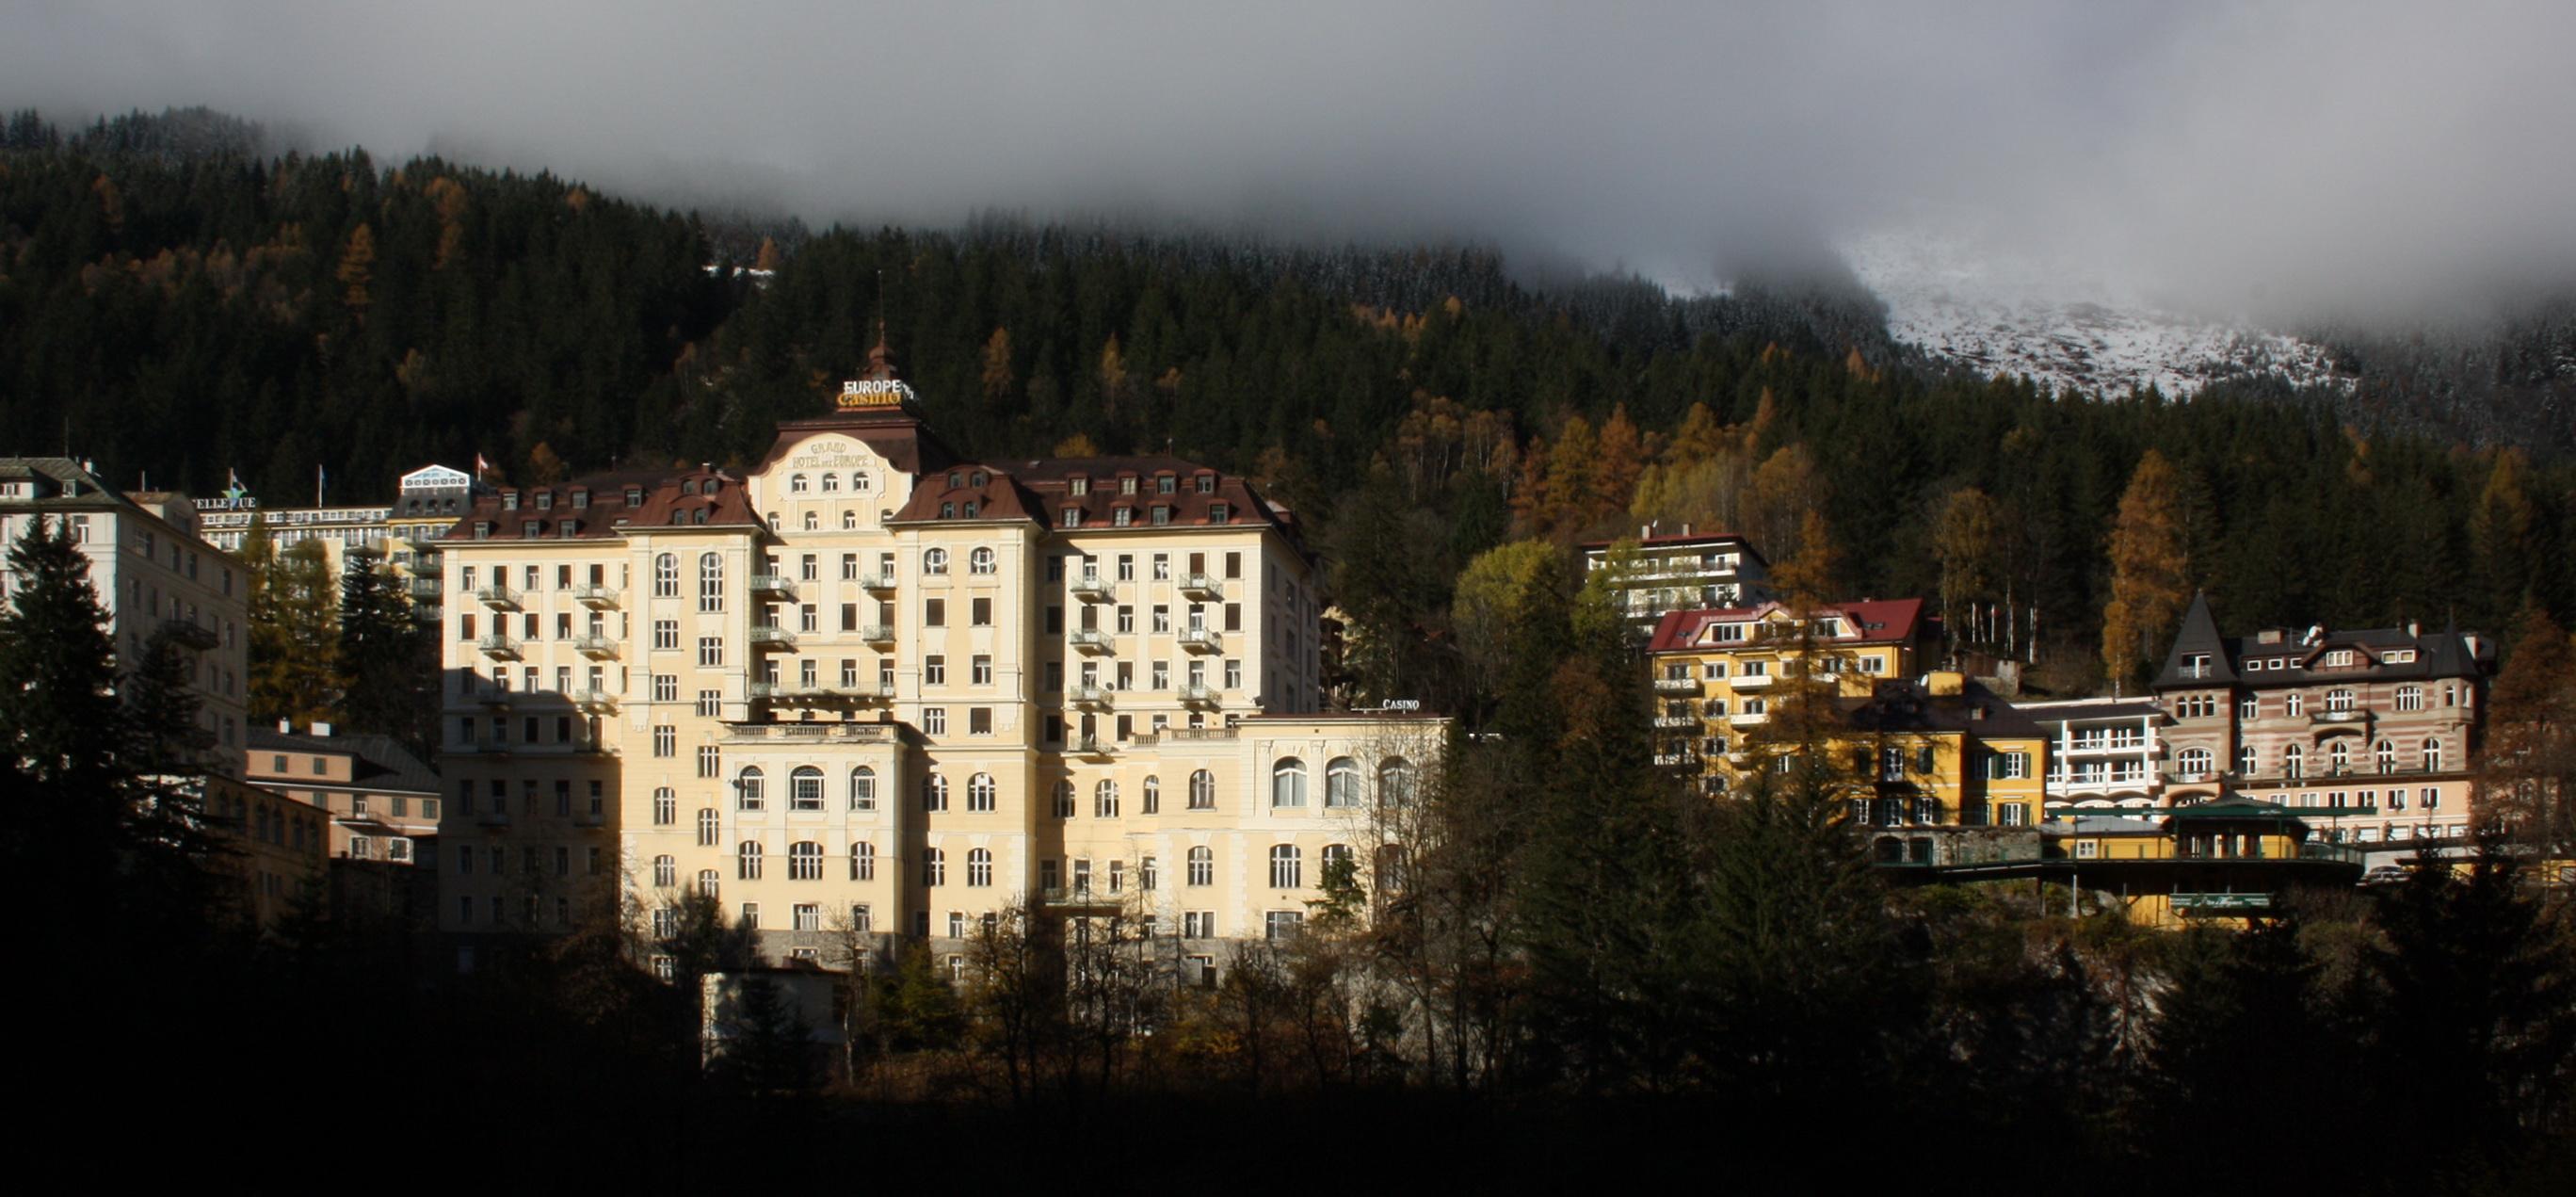 Hotel Europe Bad Gastein